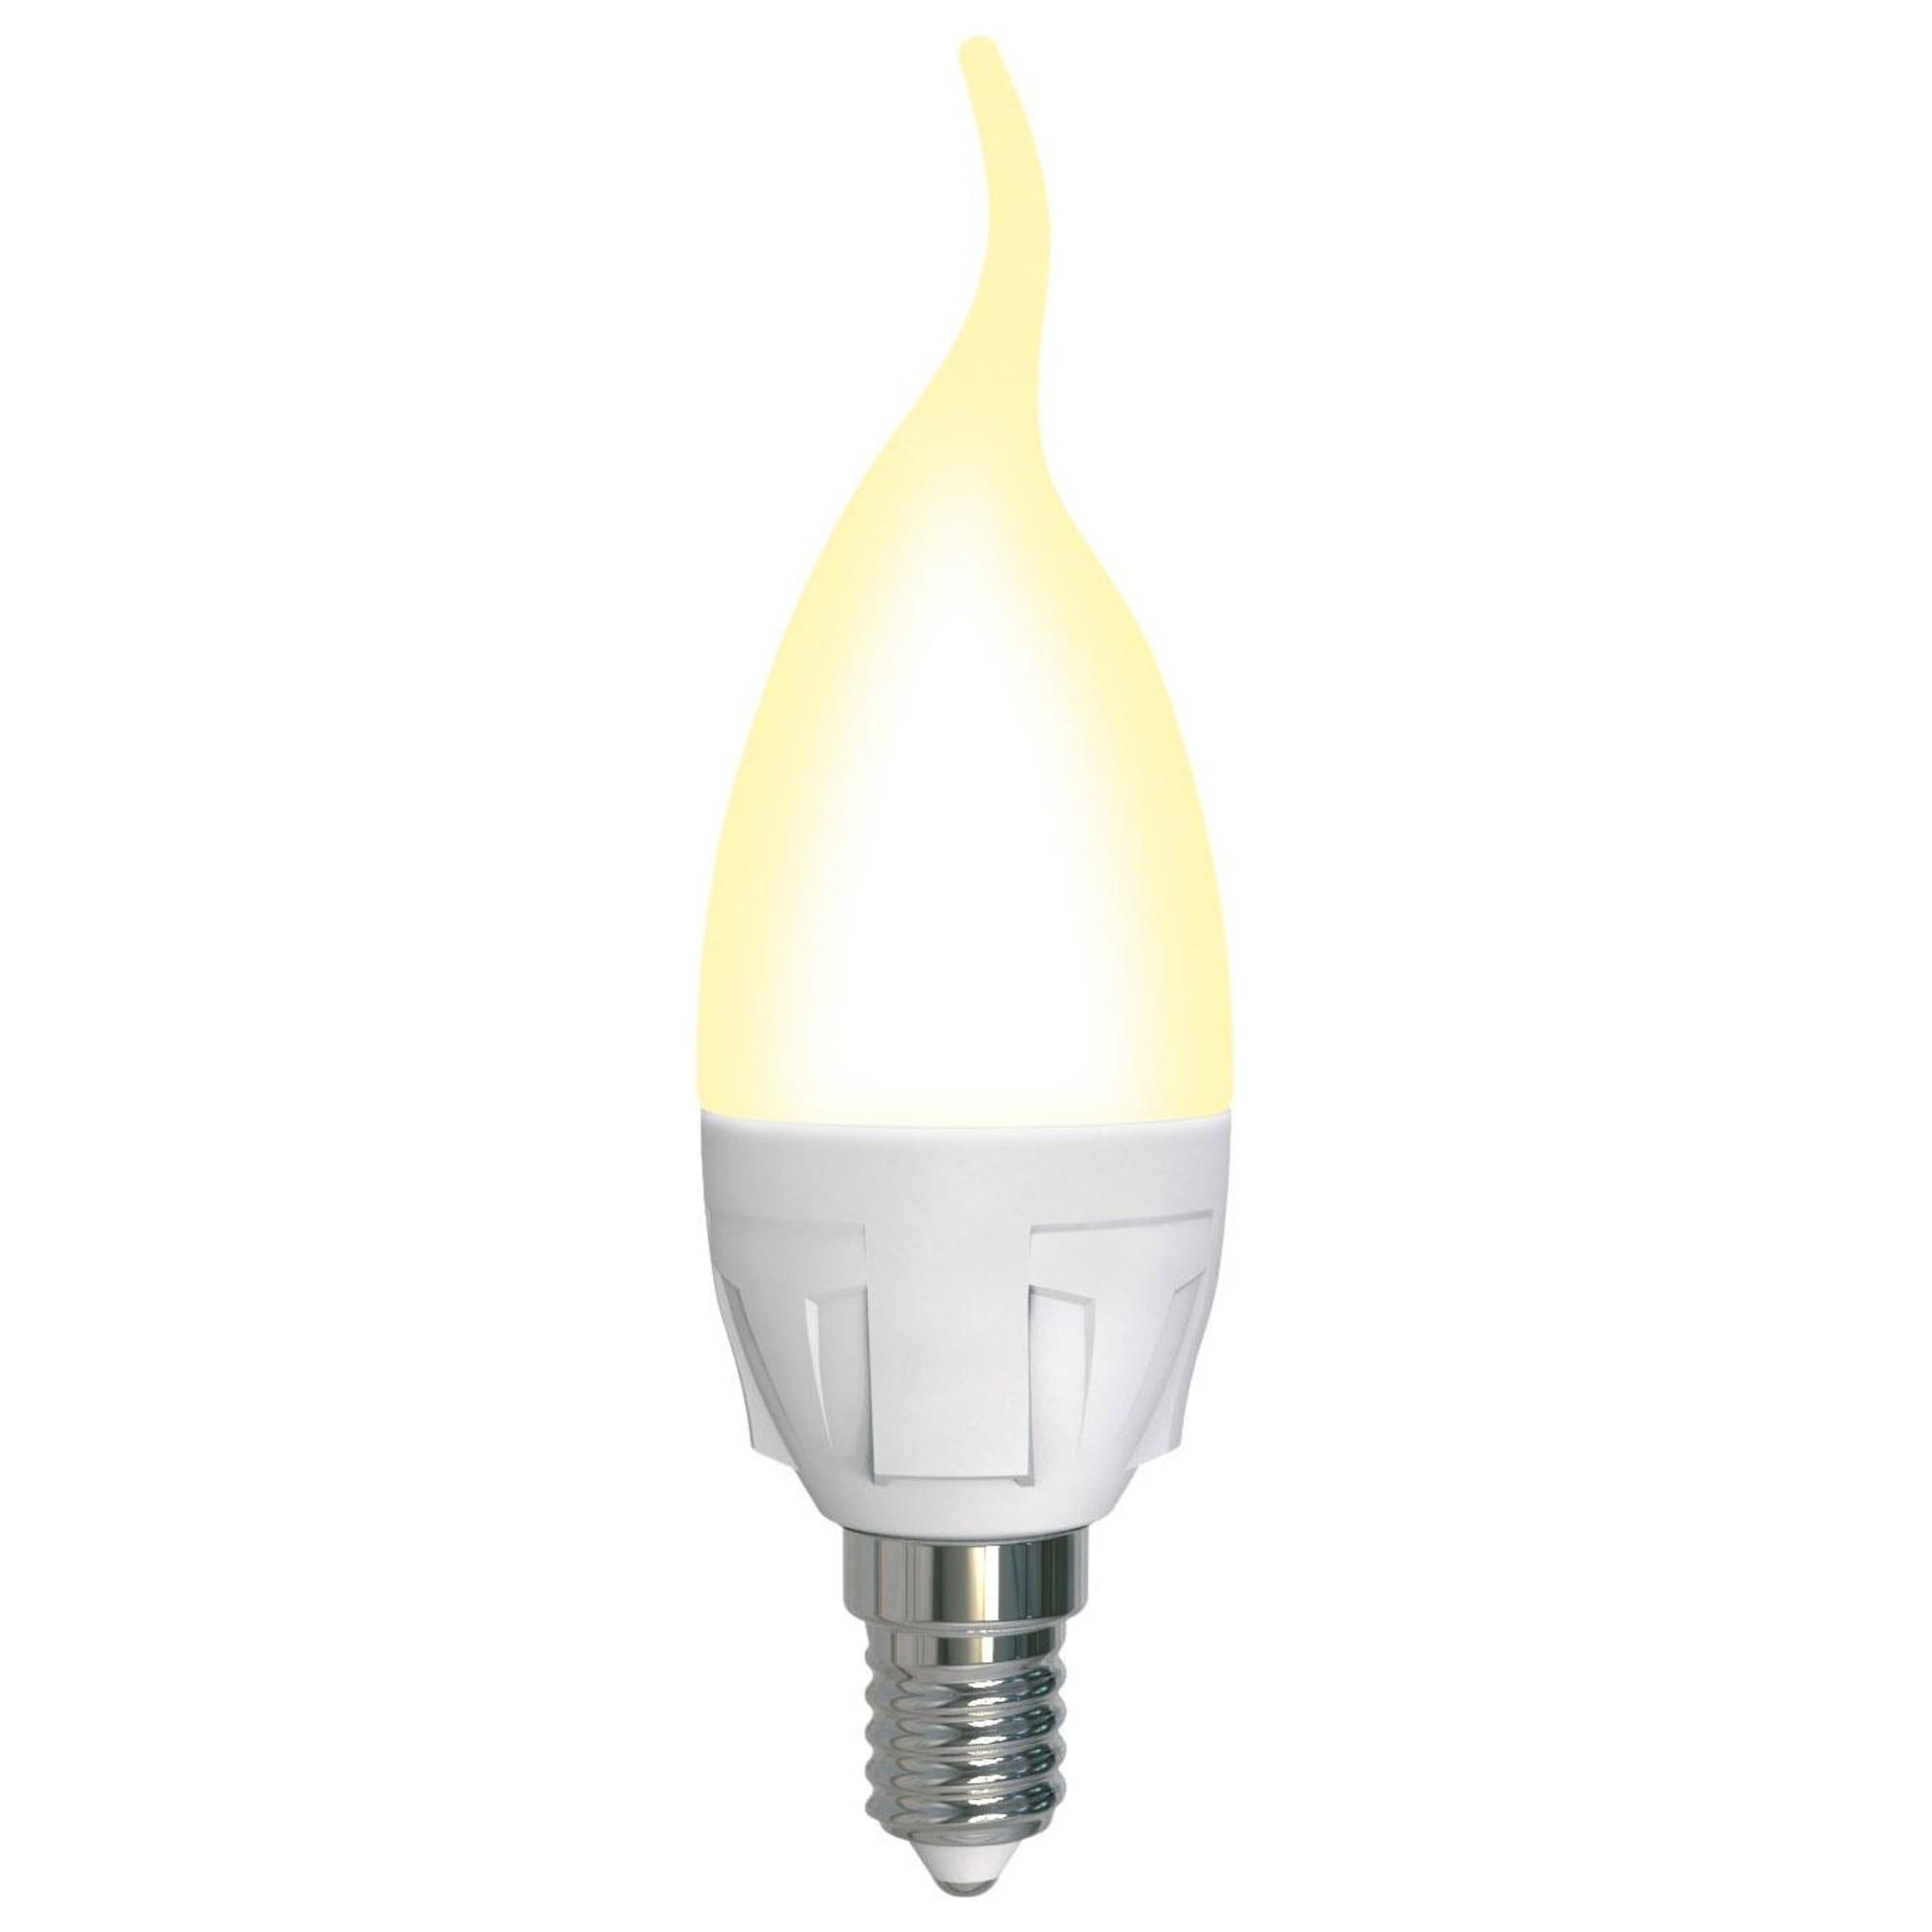 Лампа светодиодная Uniel Яркая Dimmable E14 свеча на ветру 600 Лм 7 Вт теплый белый (желтый)